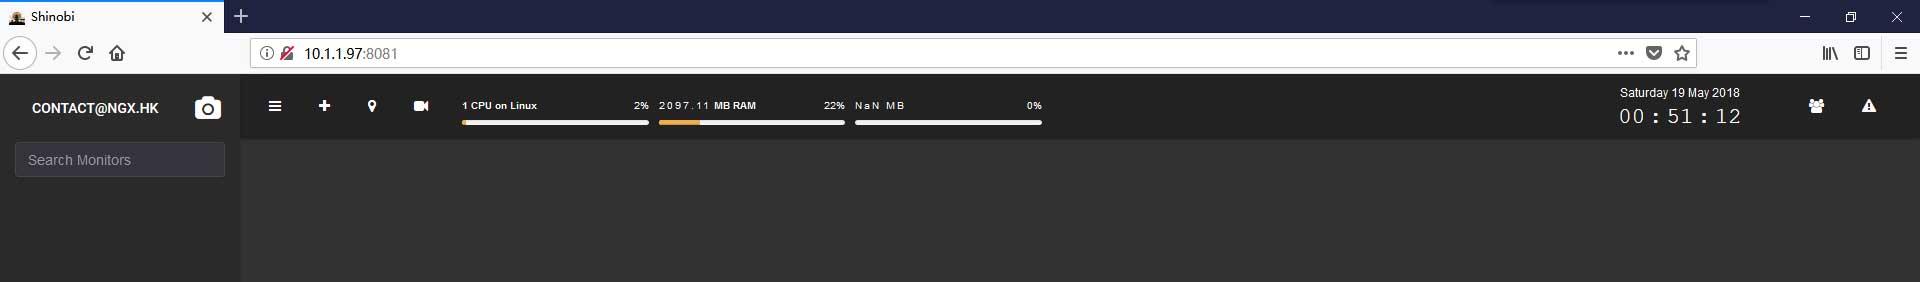 安装配置开源的监控摄像头录制软件Shinobi   NGX Project   NGX HK